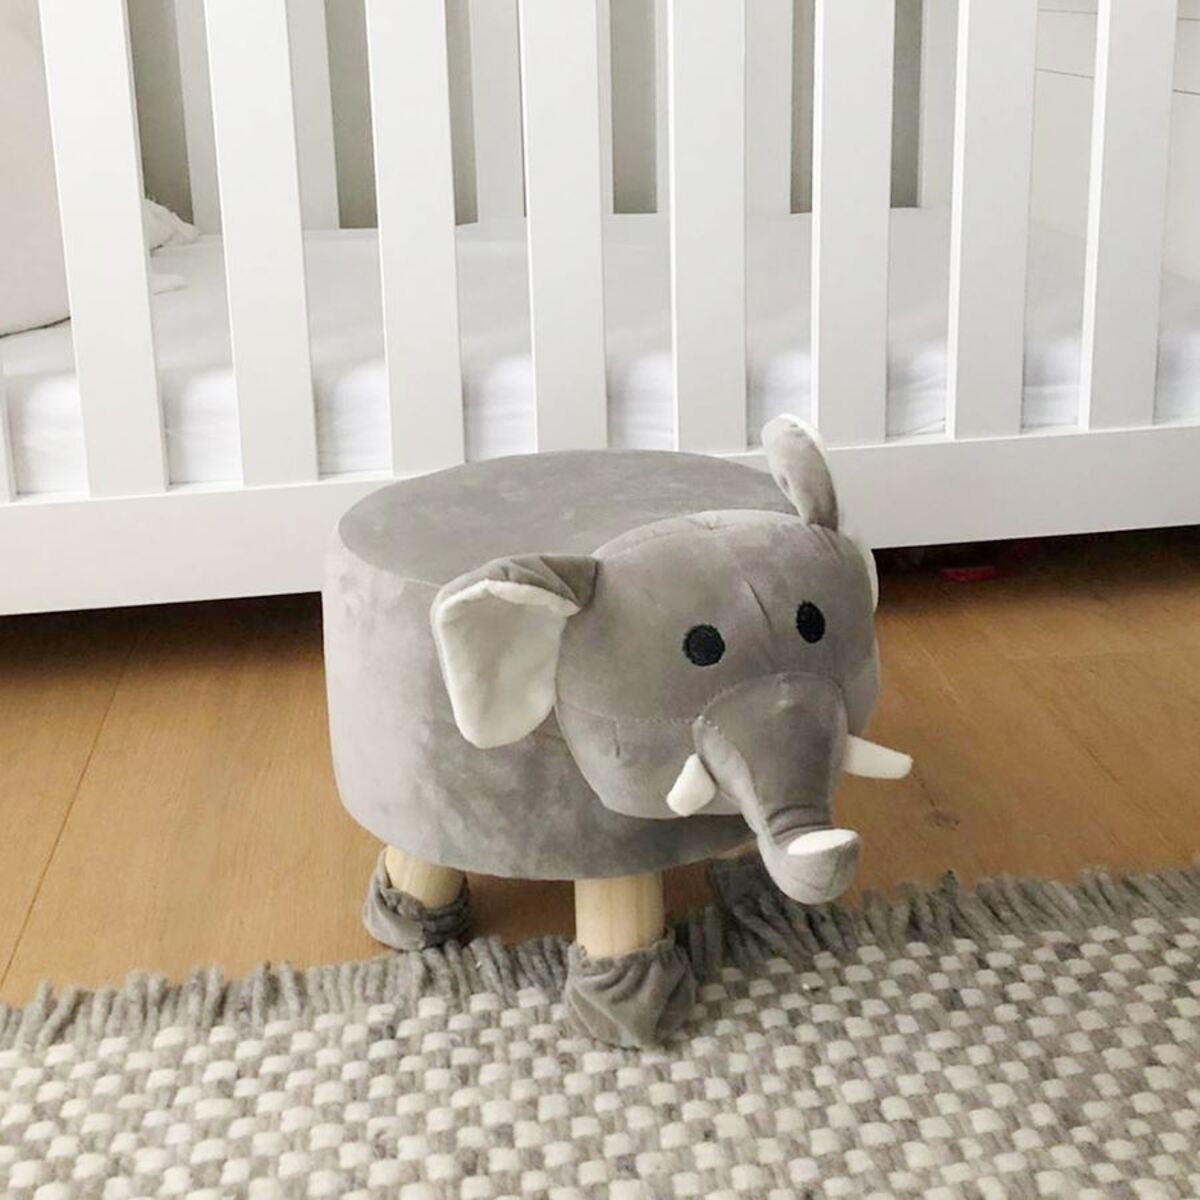 Bild 1 von Deko-Hocker Elefant mit 4 Beinen 28x35x40cm